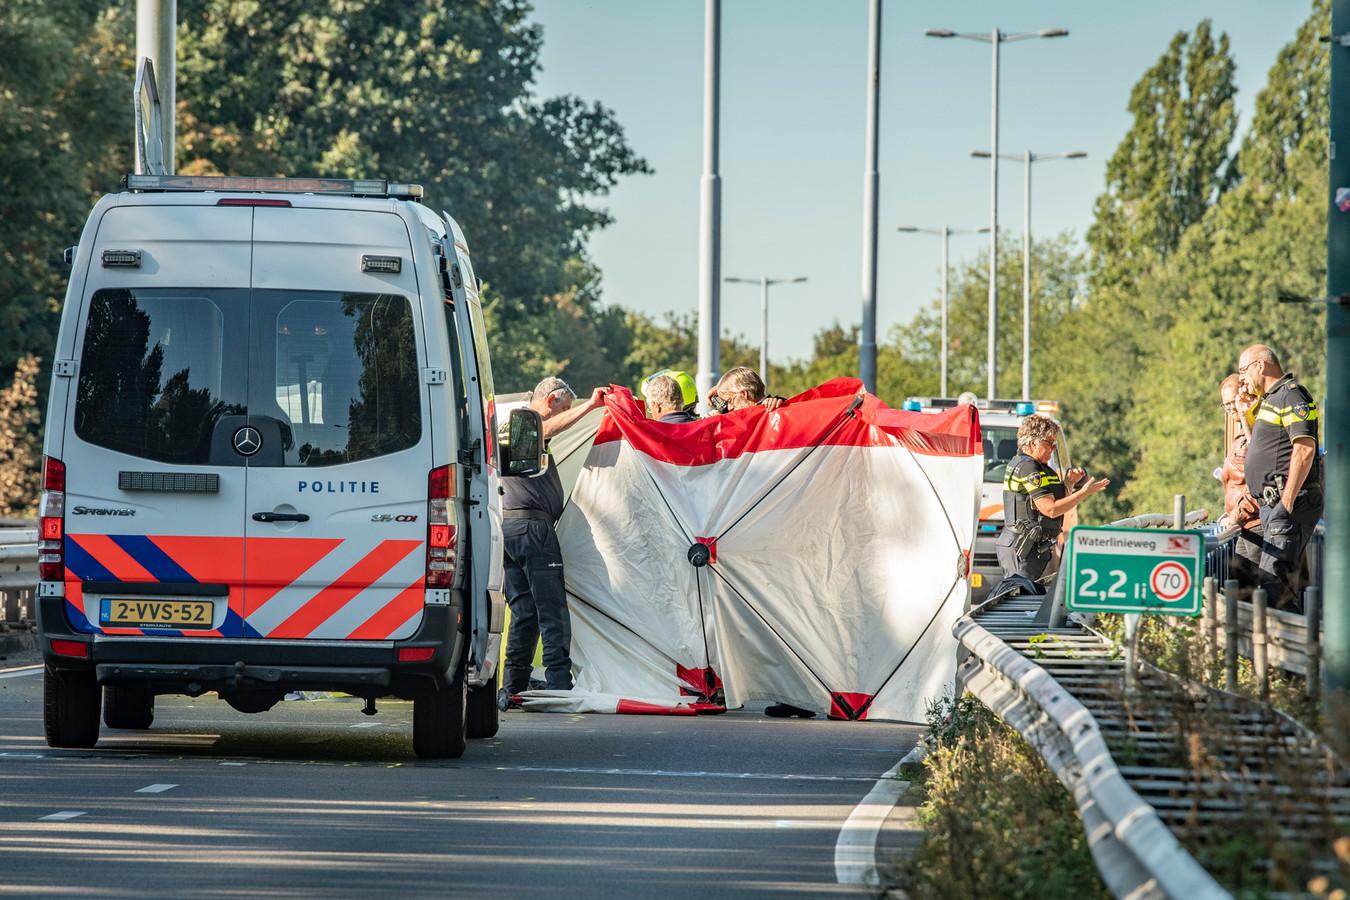 Dode op de Waterlinieweg in Utrecht.